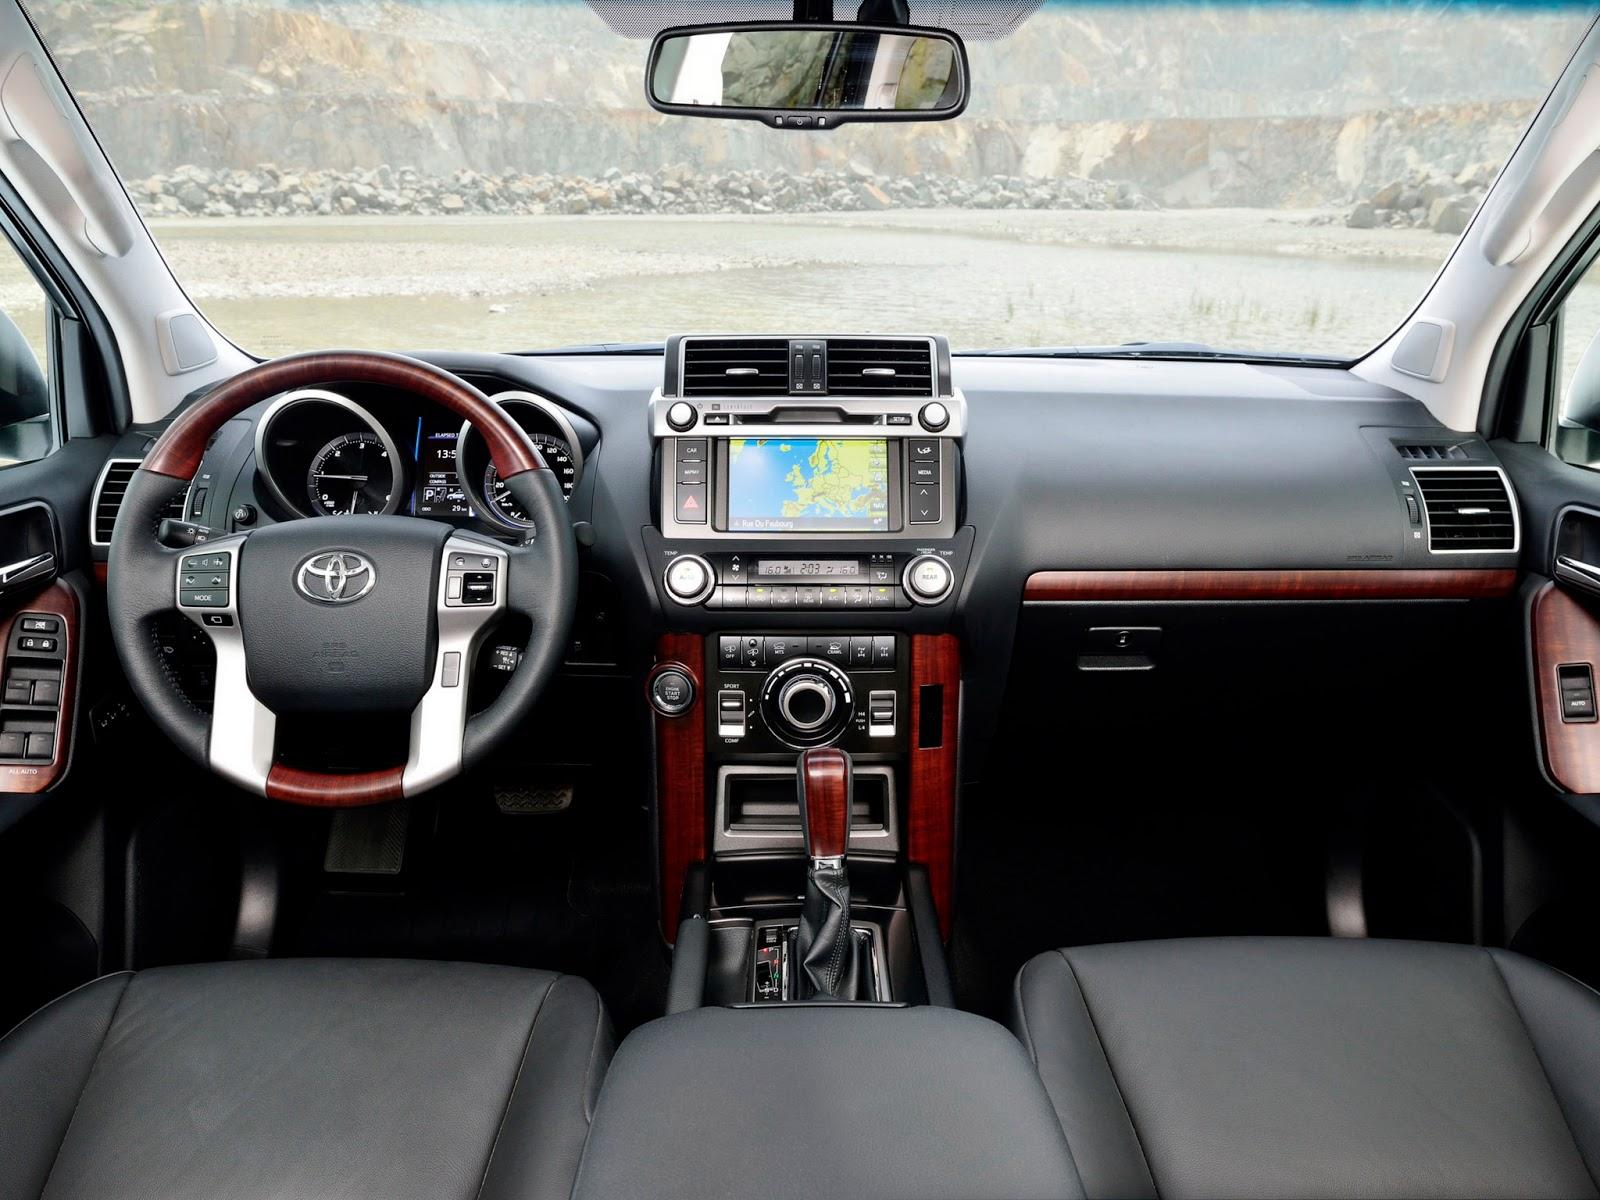 Conheça o Mundo dos Carros: Toyota Land Cruiser recebe facelift na